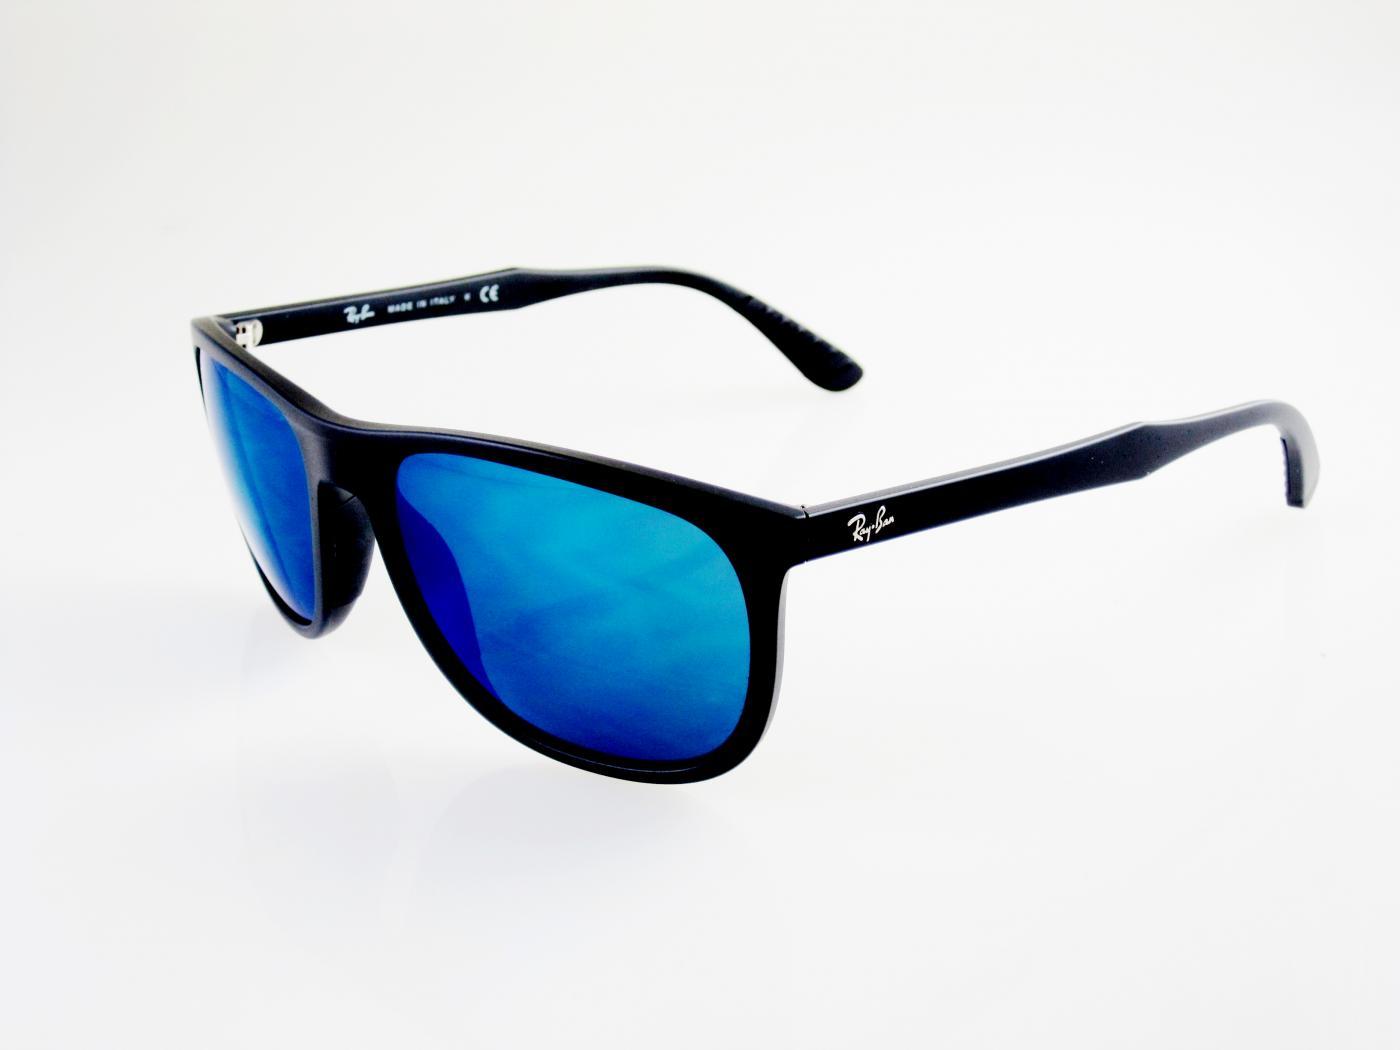 7e17de4a0 Pánske slnečné okuliare Ray Ban | oftalens.sk